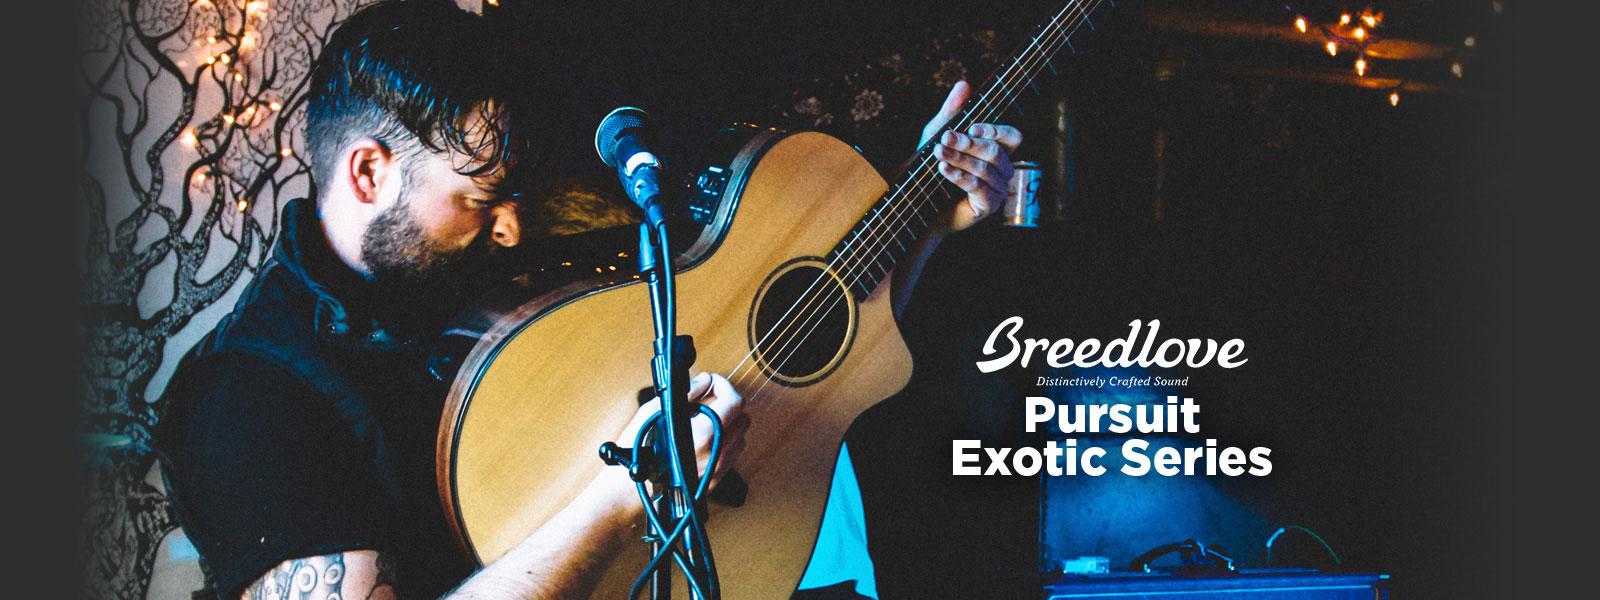 Breedlove Pursuit Exotic Series Acoustic Guitars